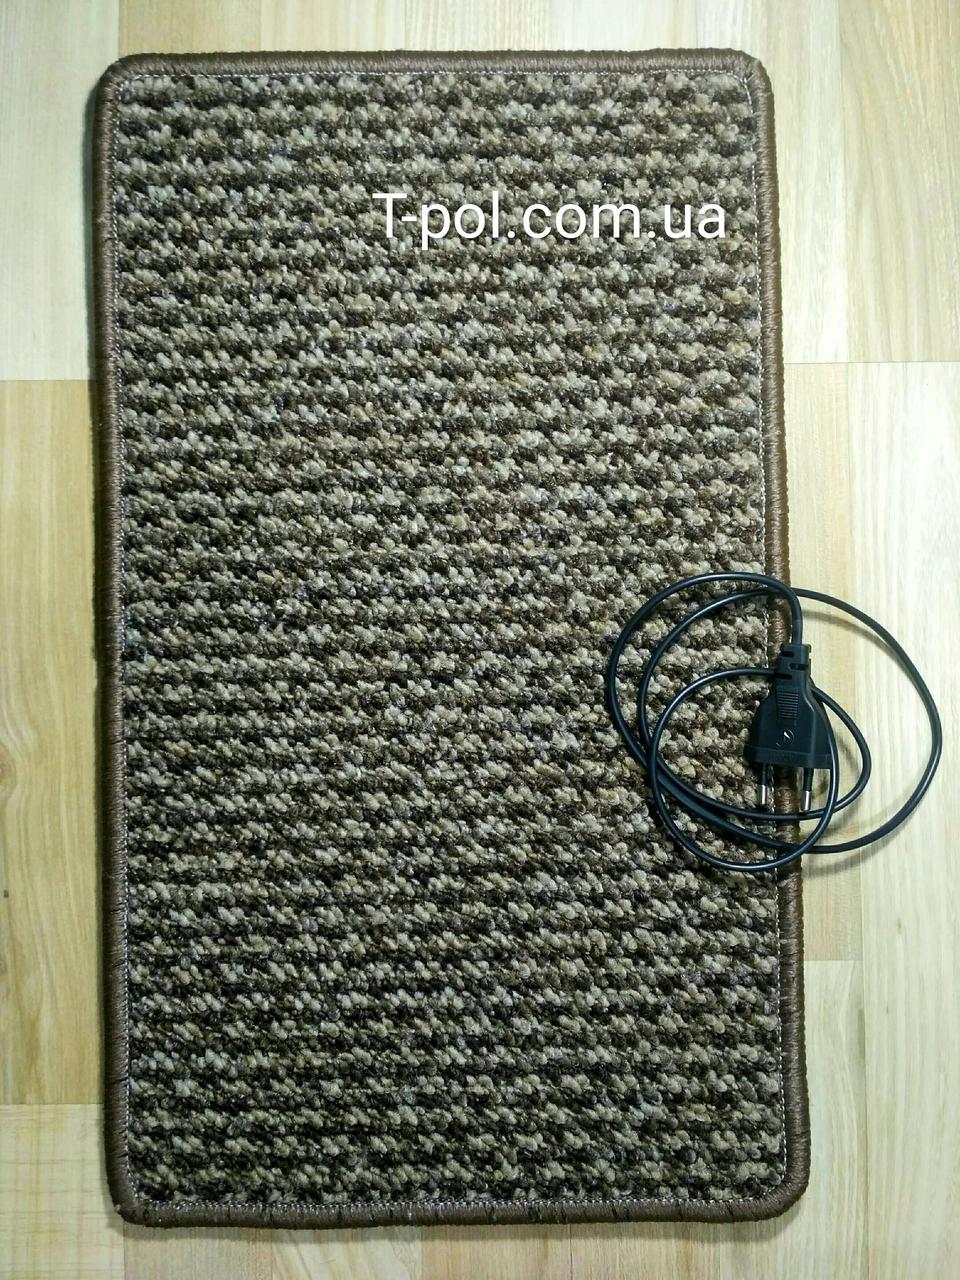 Нагревательный коврик для ног и сушки обуви коричневый 50см*30см